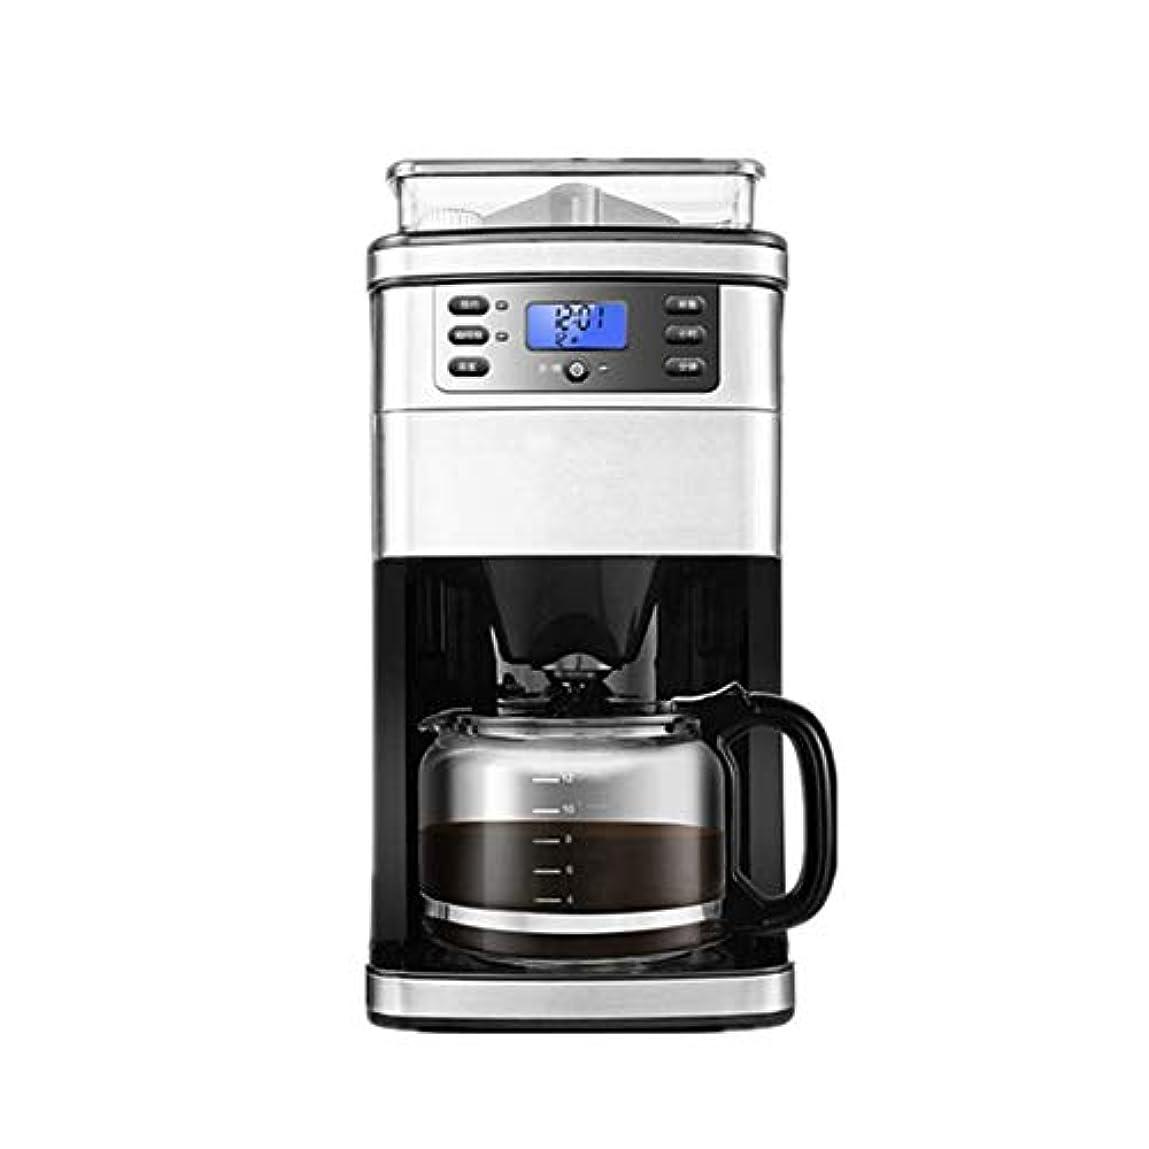 任意独立剥ぎ取る全自動ドリップ式全自動コーヒーマシン ステンレス、1.25L大容量、3つの強み、透明液晶画面断熱機能